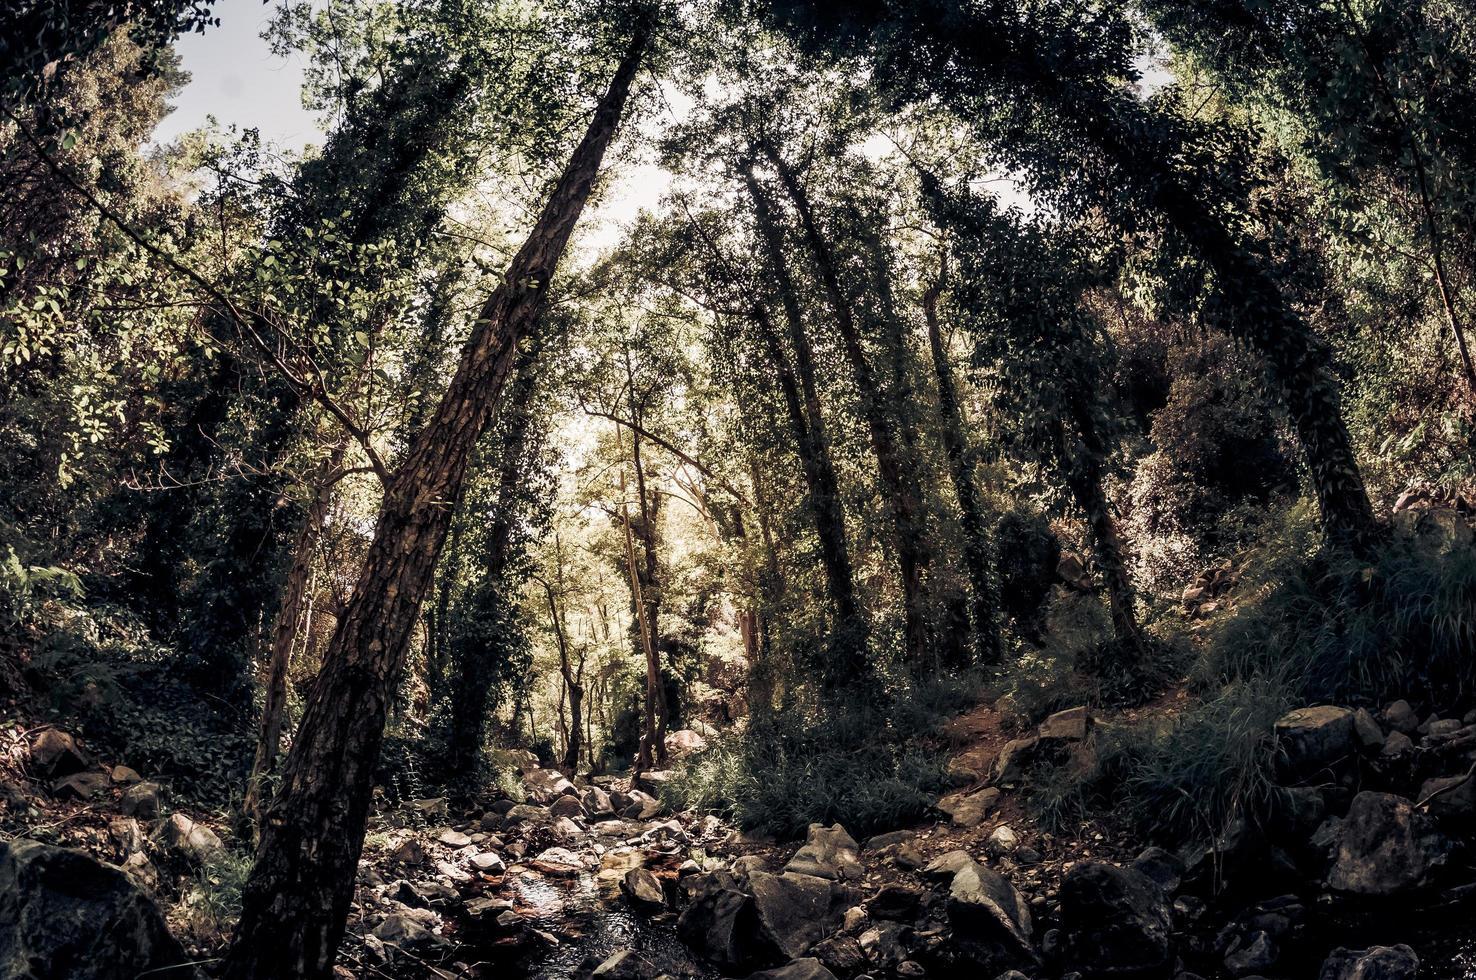 arroyo en un bosque foto